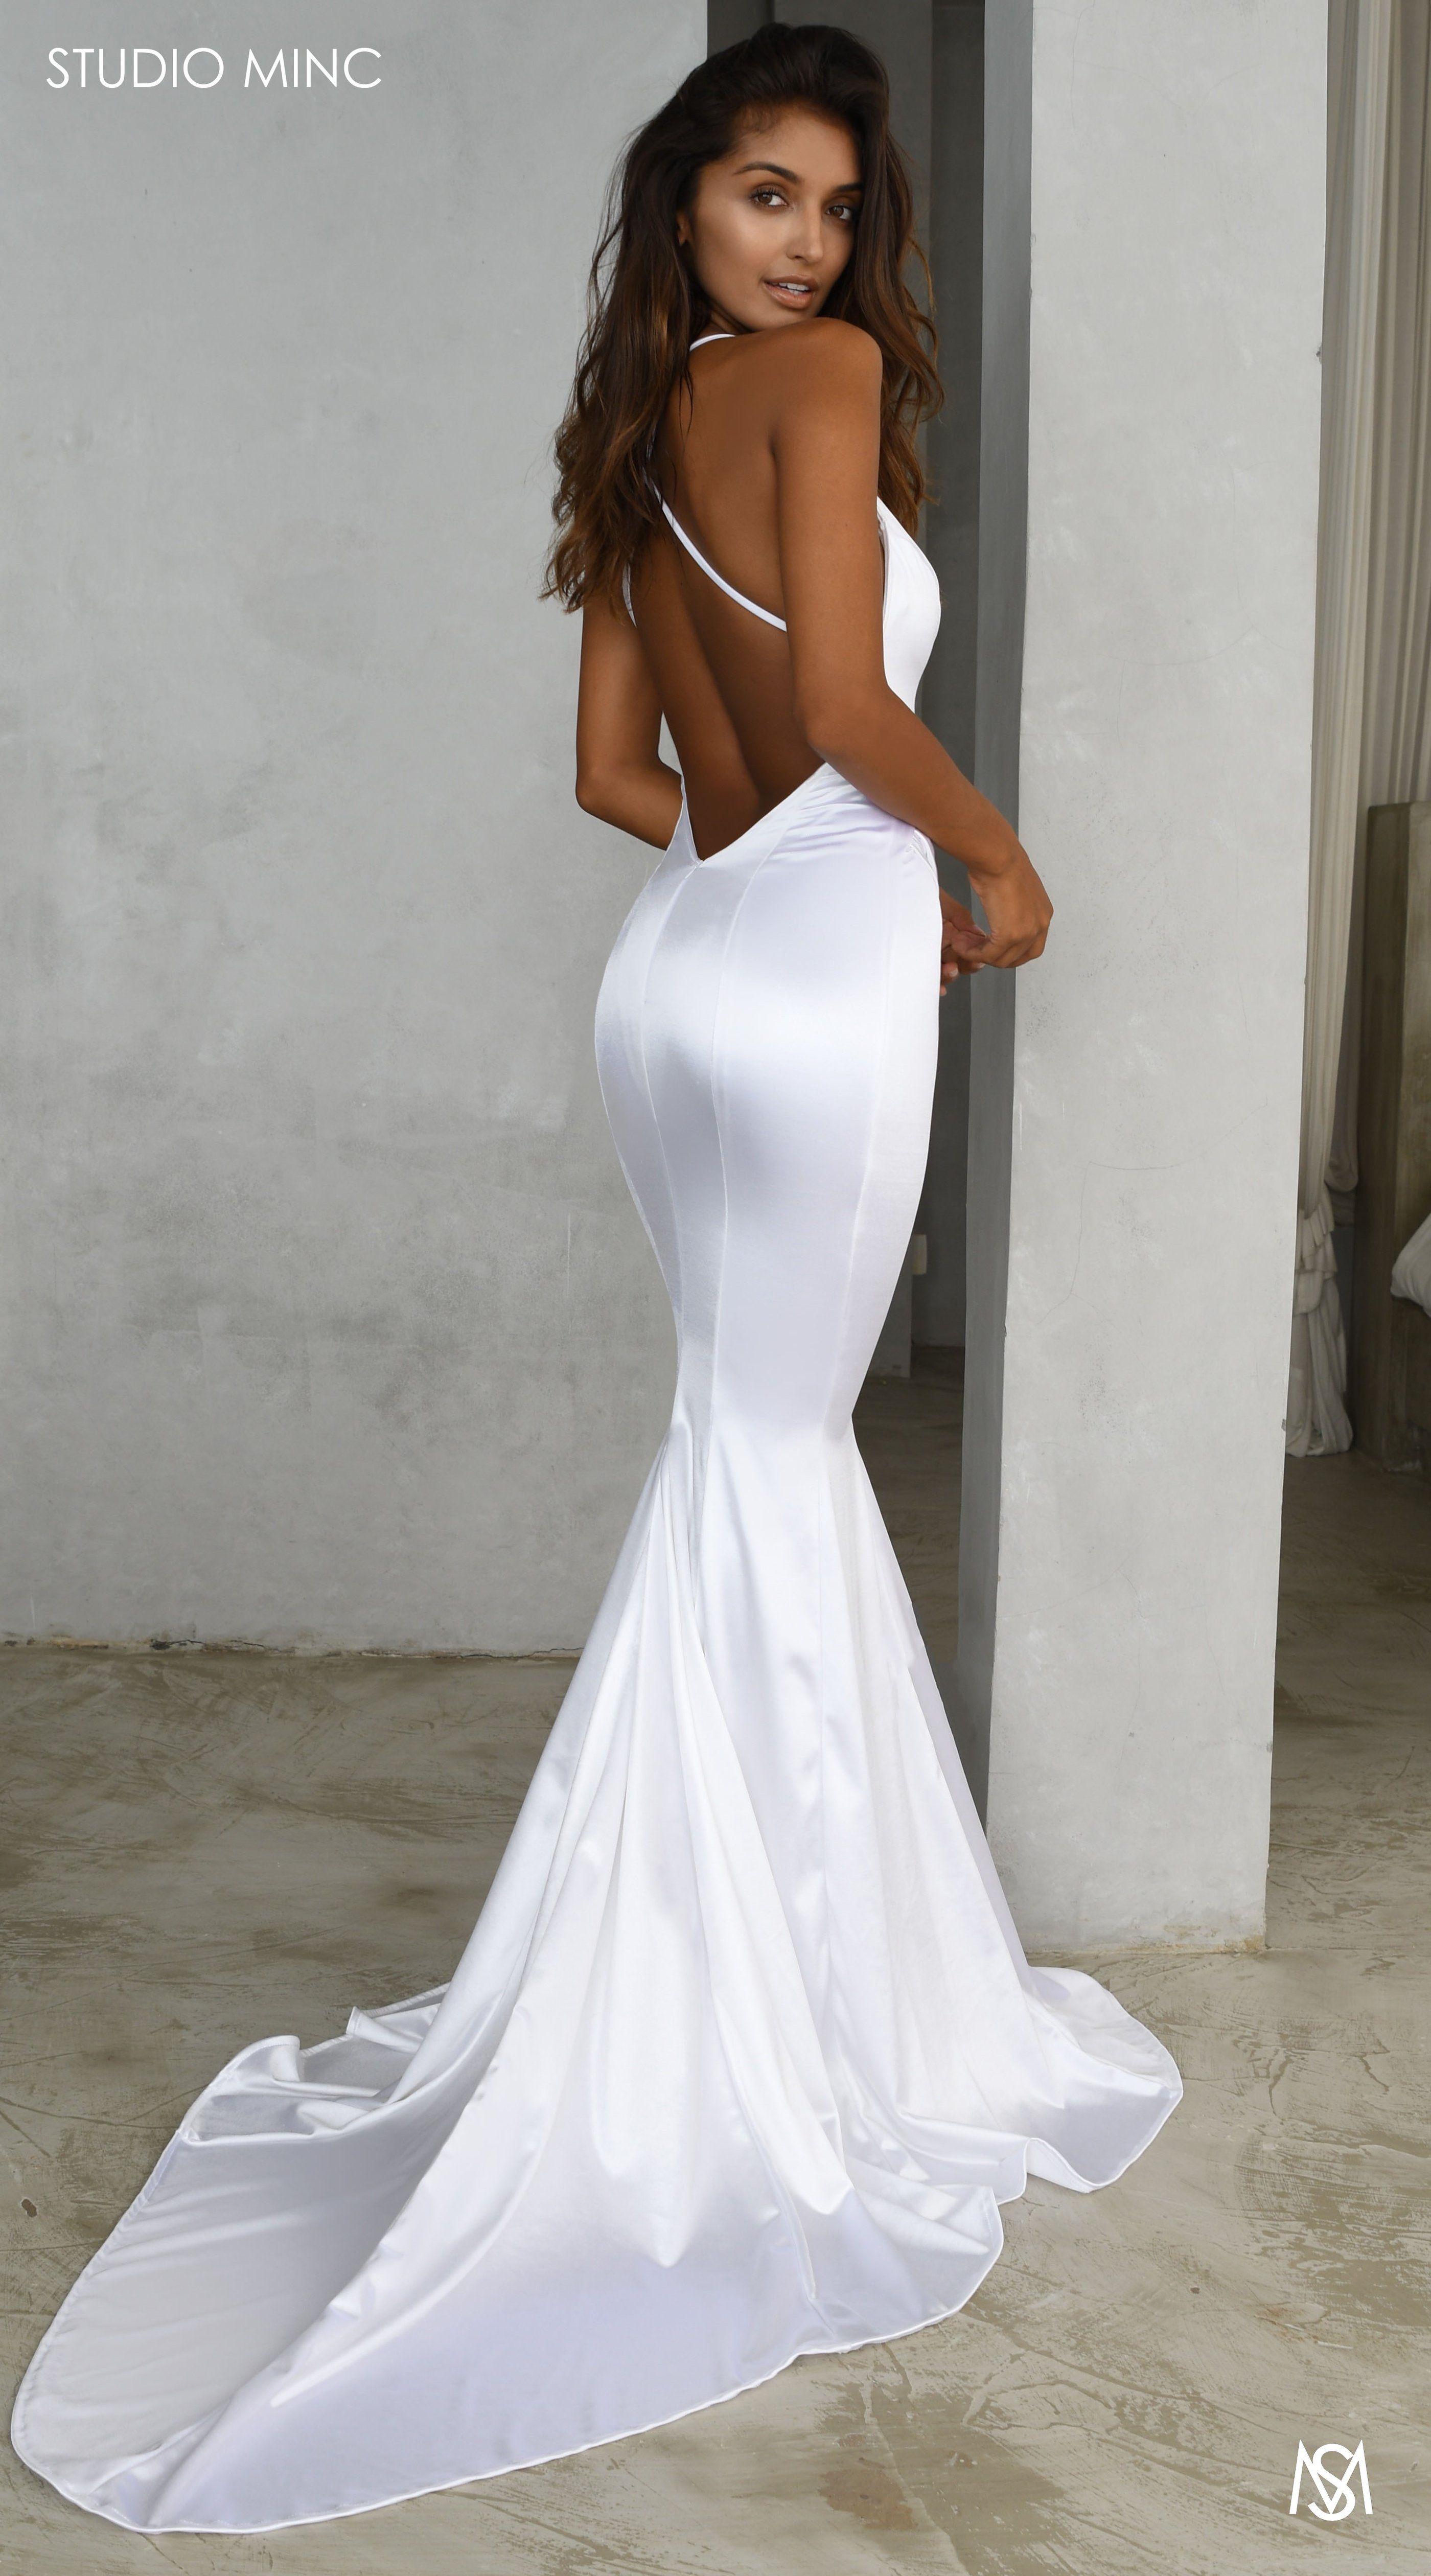 Pin On Wedding [ 5040 x 2800 Pixel ]